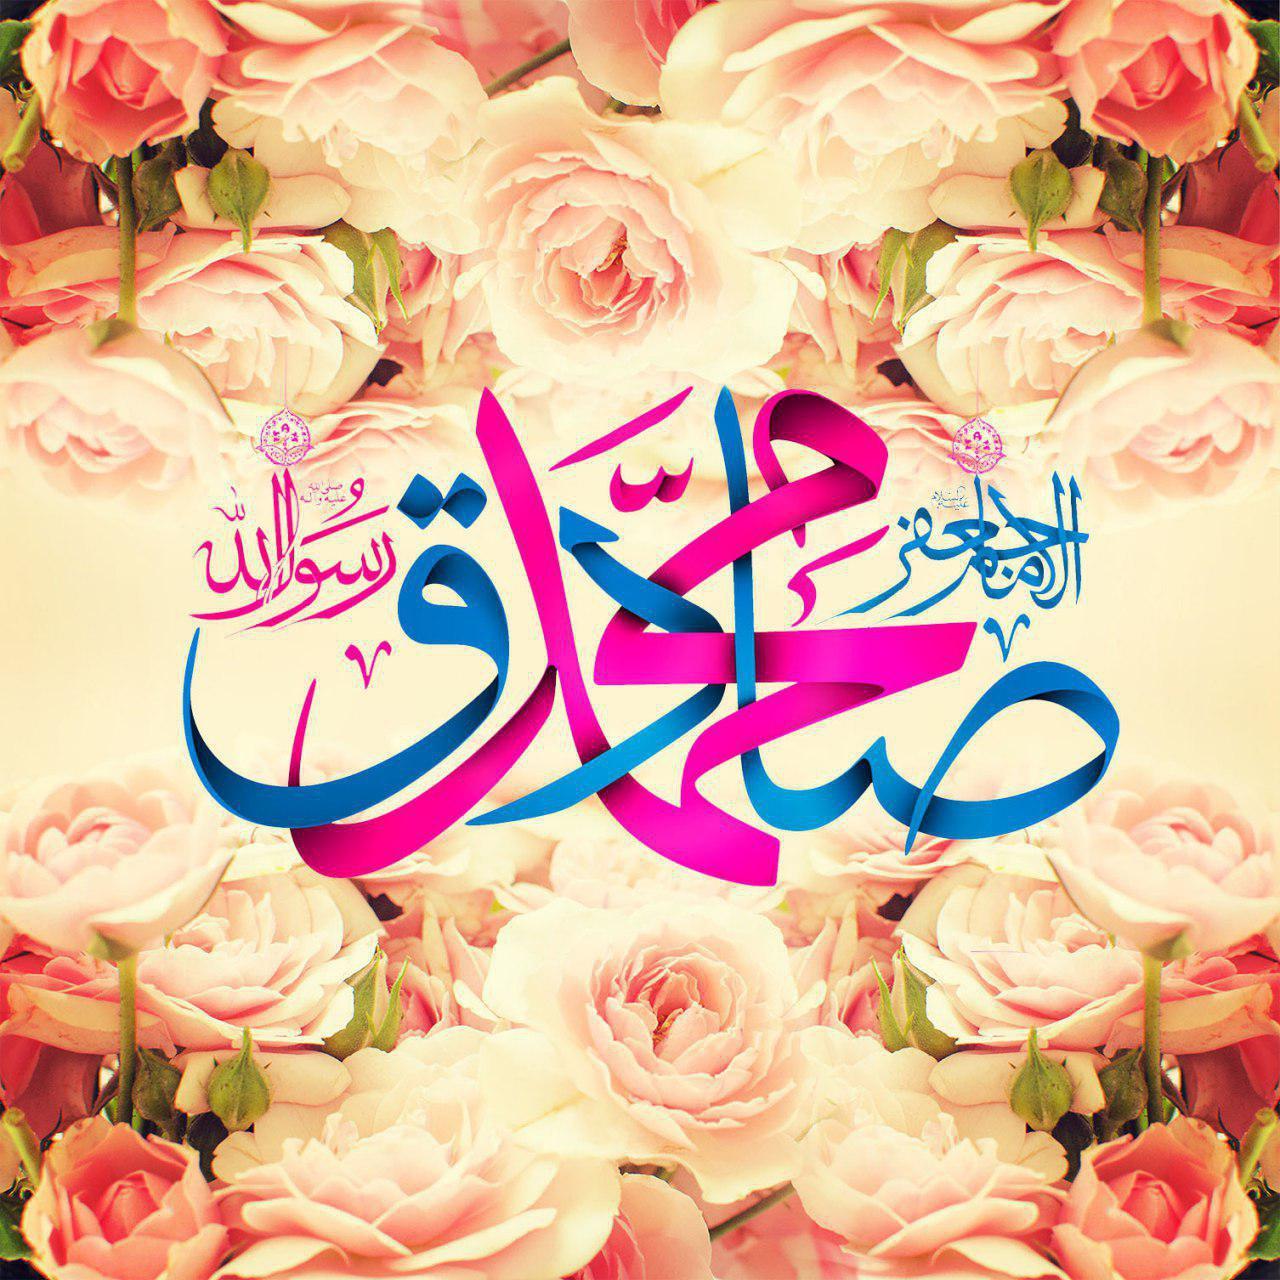 محمد(ص)اسمانی ترین هدیه الهی